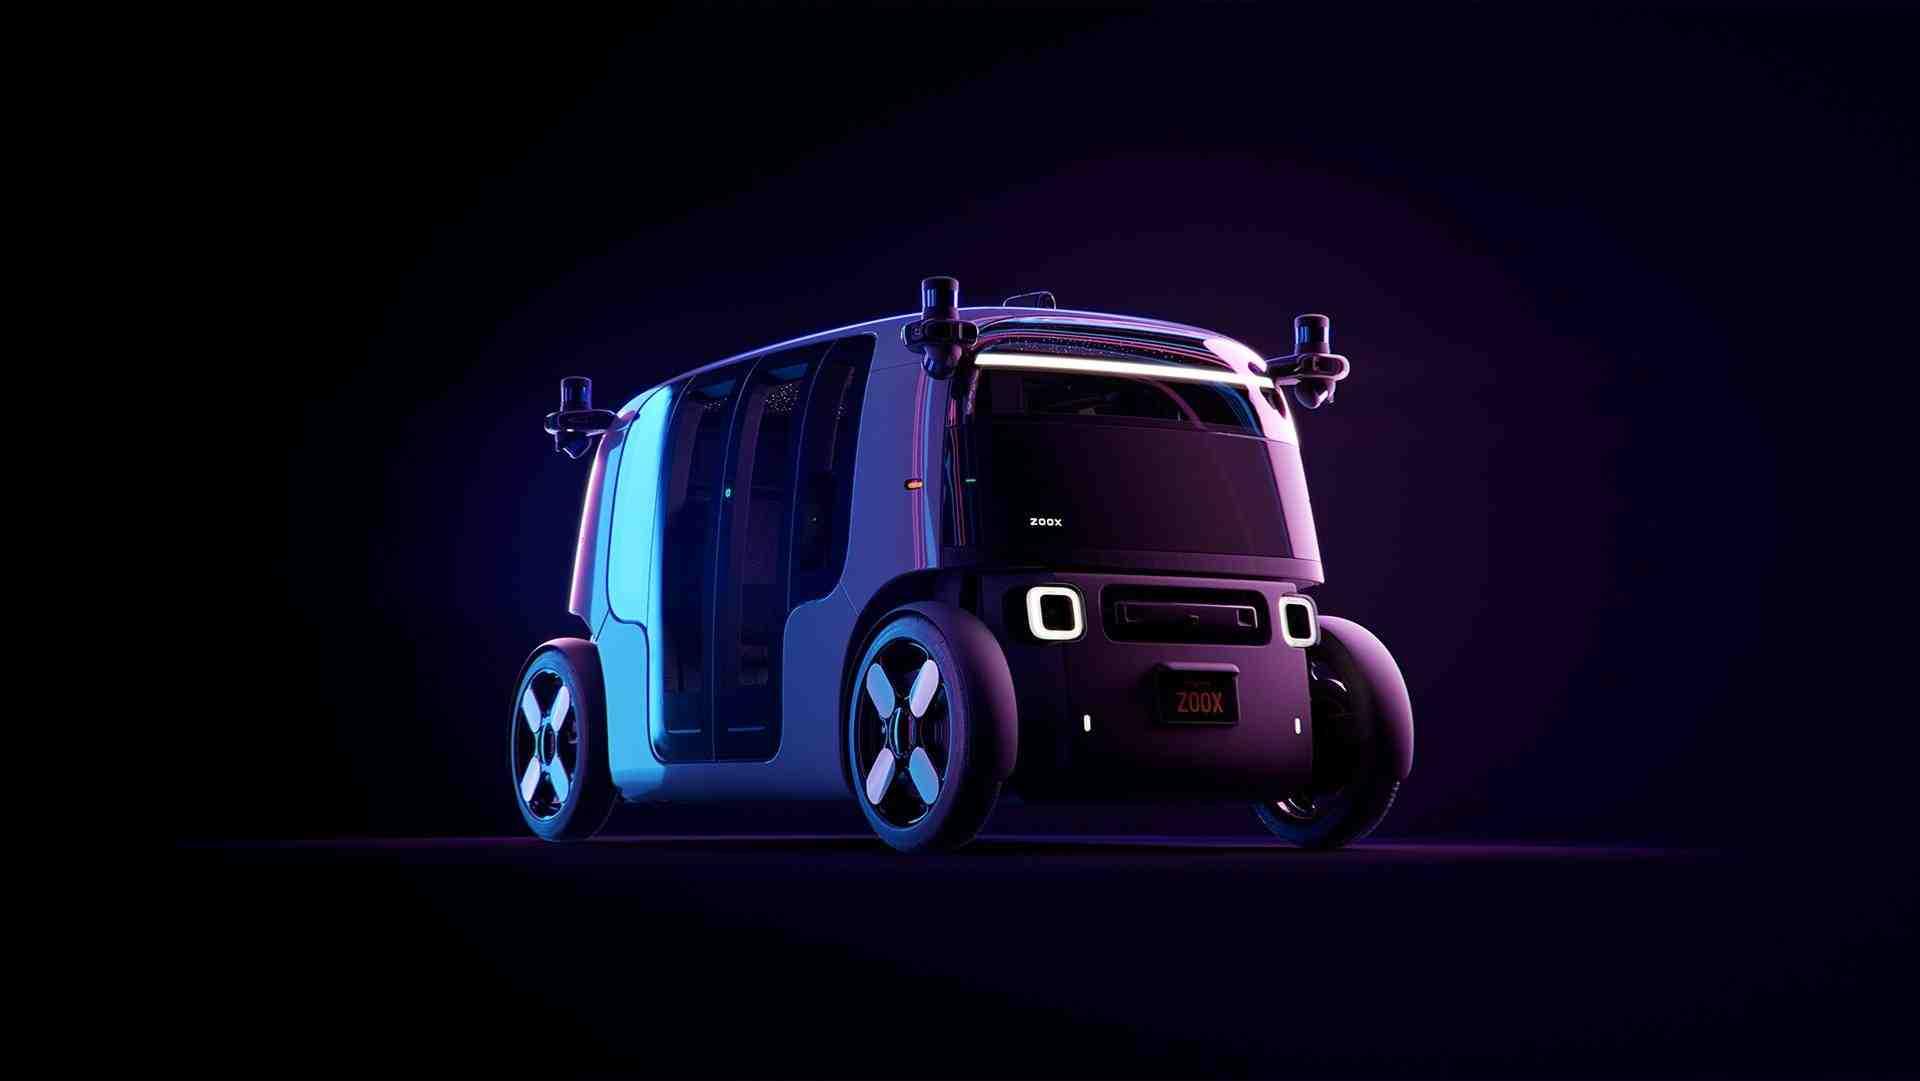 Zoox-Autonomous-Vehicle-ThreeQuarter-View